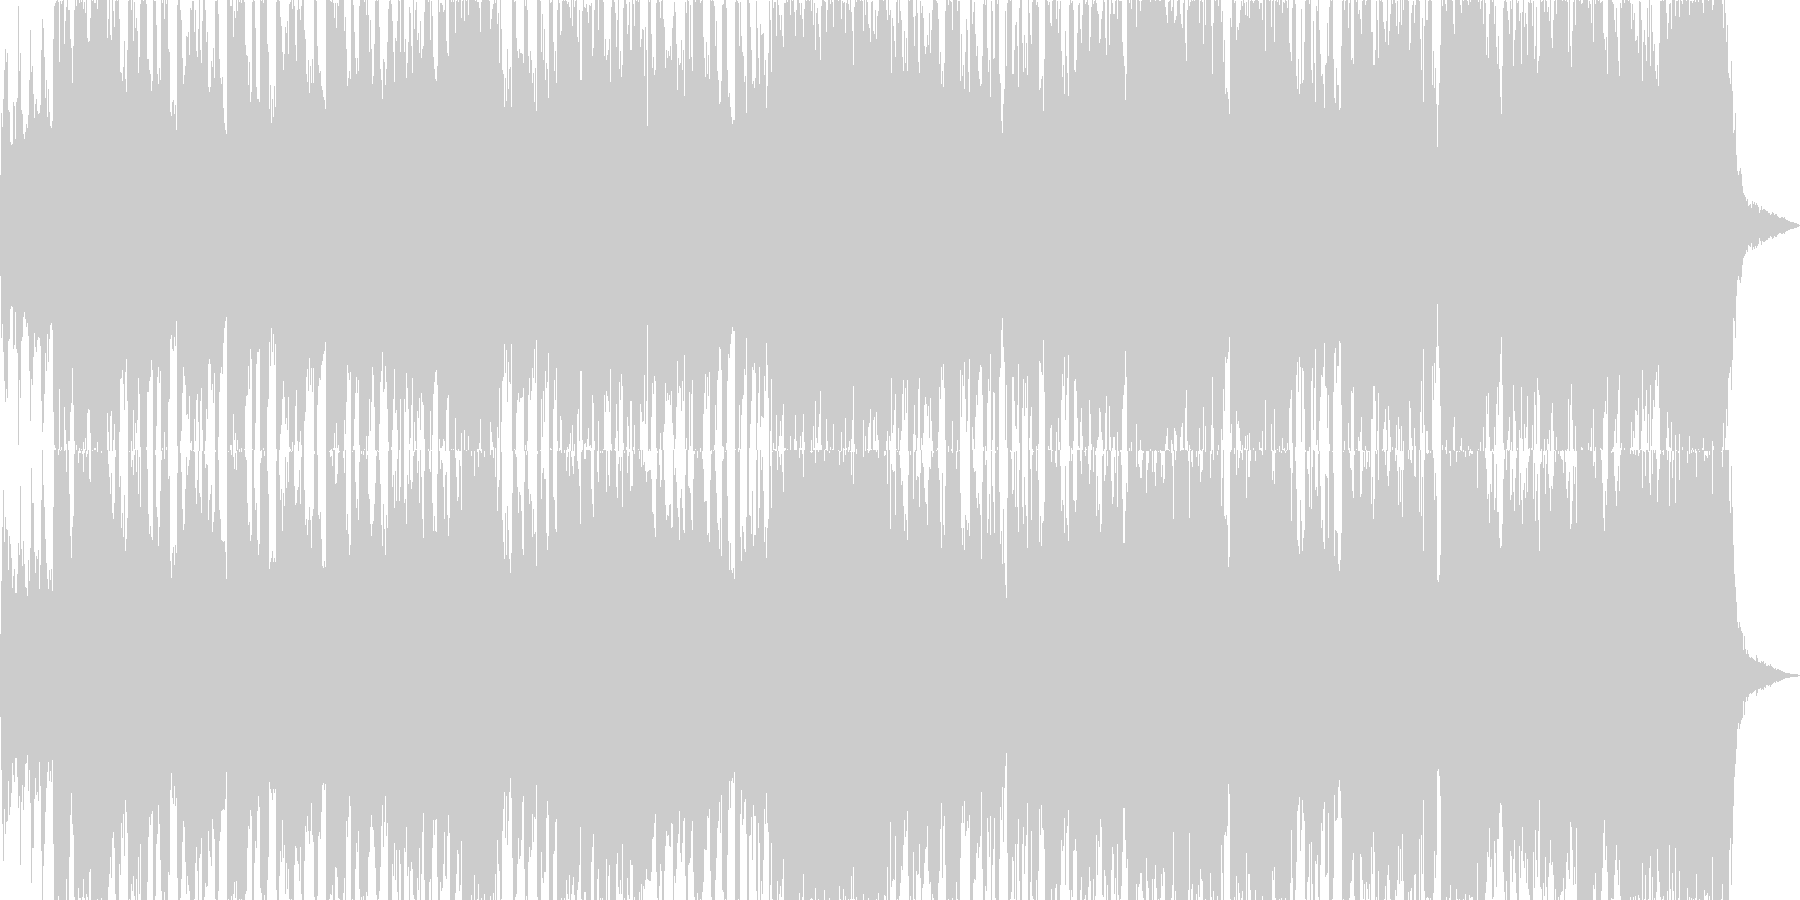 エレキギターが印象的なビッグバンドジャズの未再生の波形